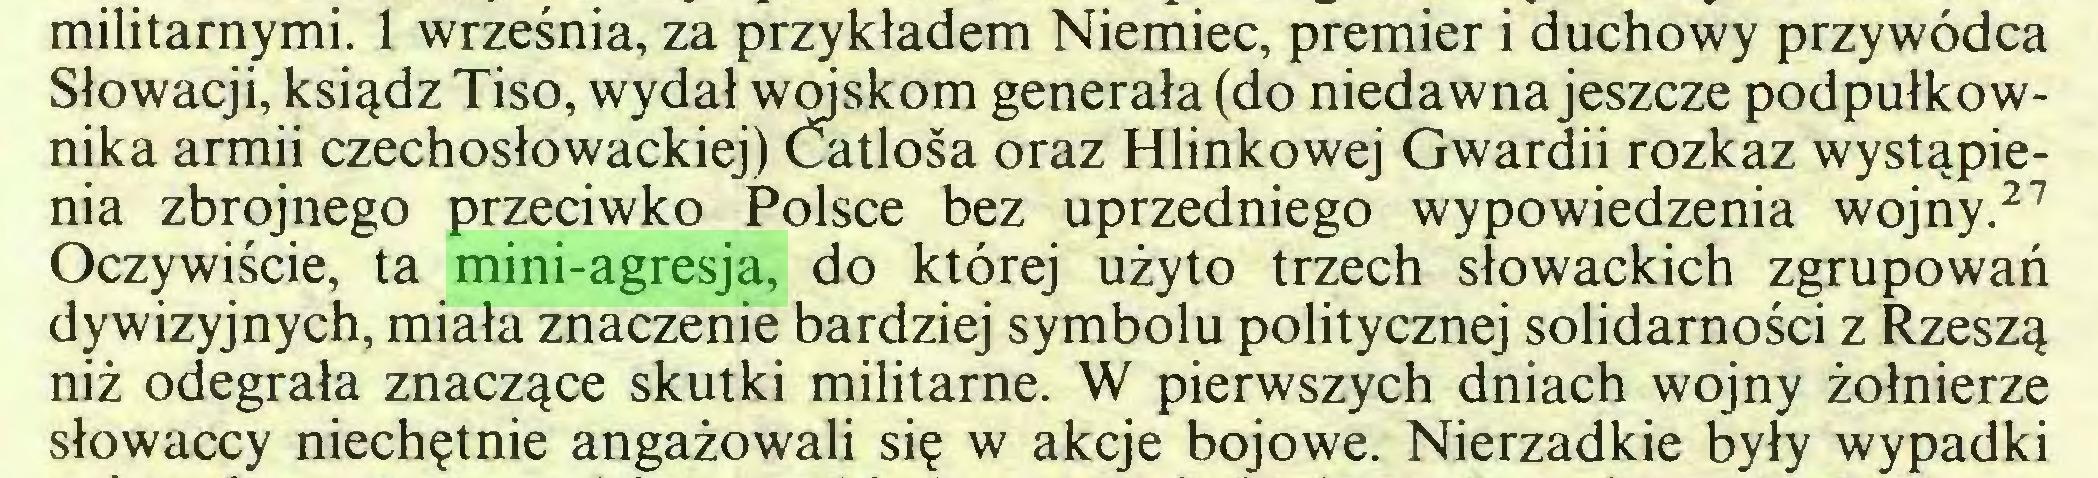 (...) militarnymi. 1 września, za przykładem Niemiec, premier i duchowy przywódca Słowacji, ksiądz Tiso, wydał wojskom generała (do niedawna jeszcze podpułkownika armii czechosłowackiej) Catlośa oraz Hlinkowej Gwardii rozkaz wystąpienia zbrojnego przeciwko Polsce bez uprzedniego wypowiedzenia wojny.26  27 Oczywiście, ta mini-agresja, do której użyto trzech słowackich zgrupowań dywizyjnych, miała znaczenie bardziej symbolu politycznej solidarności z Rzeszą niż odegrała znaczące skutki militarne. W pierwszych dniach wojny żołnierze słowaccy niechętnie angażowali się w akcje bojowe. Nierzadkie były wypadki...